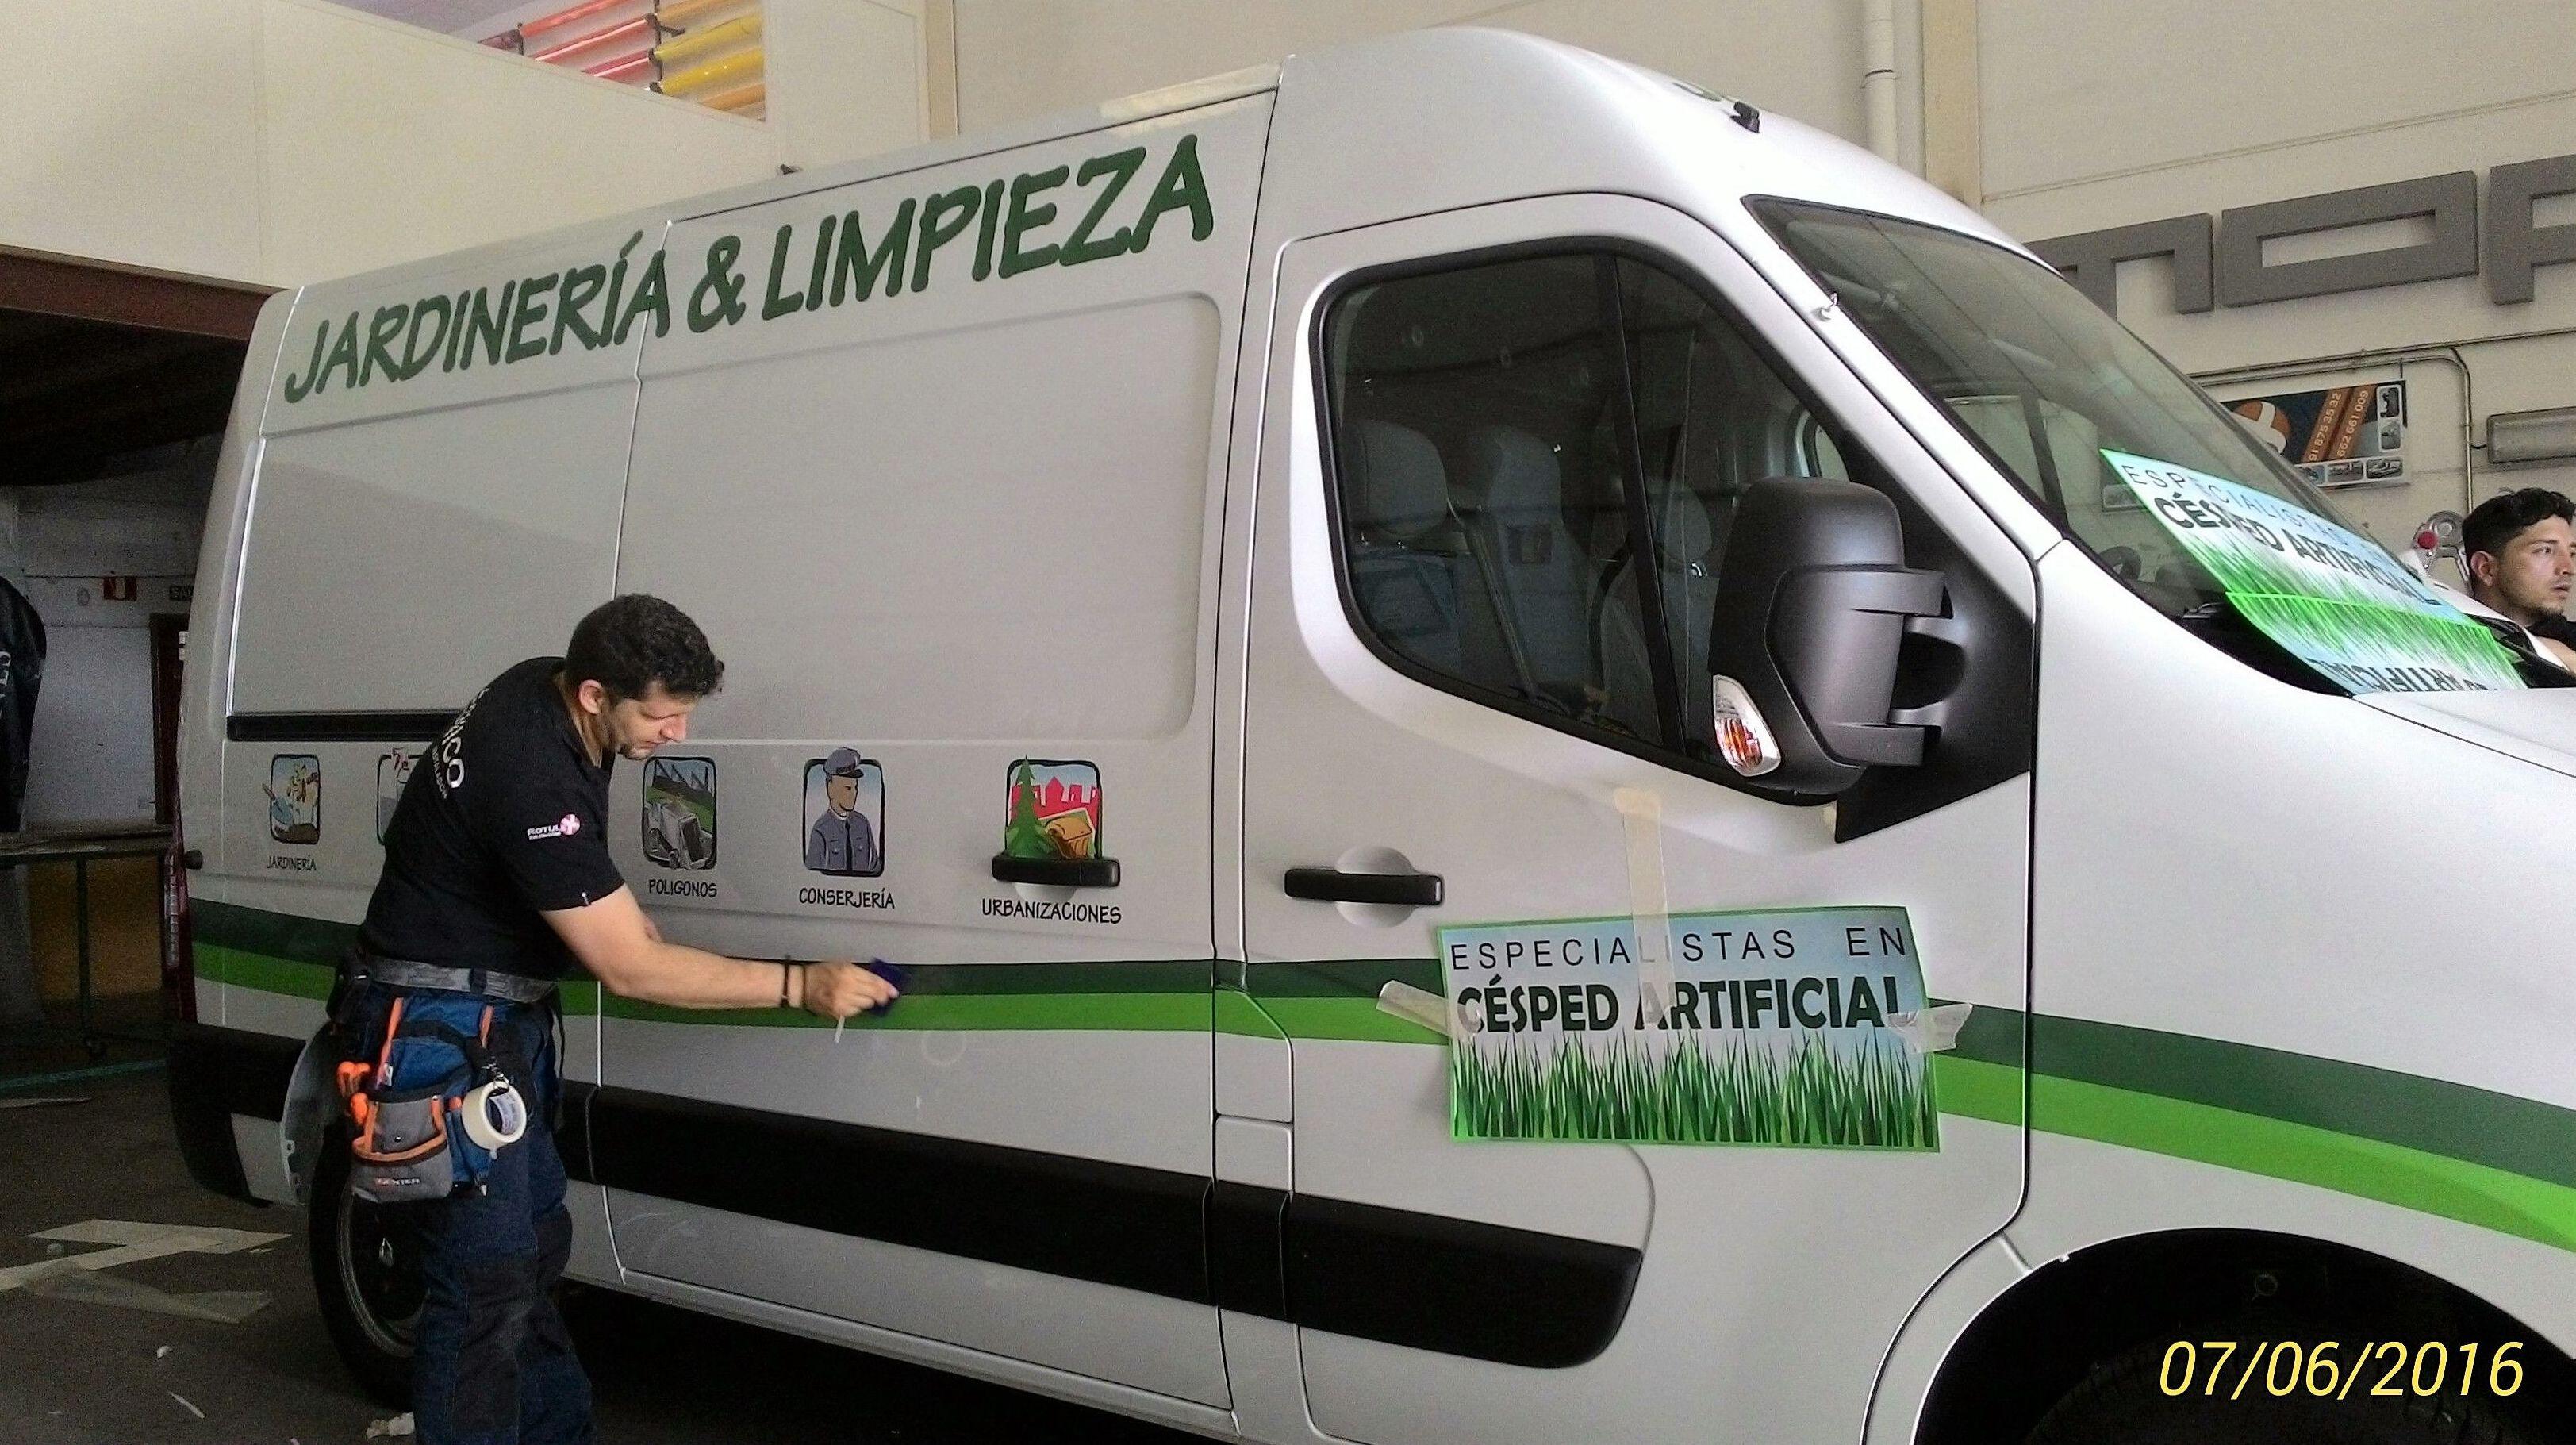 Rotulación de furgoneta para la Empresa Jardinería Reglen 2001, especialistas en Césped Artificial, ubicado en Valdemoro Madrid.